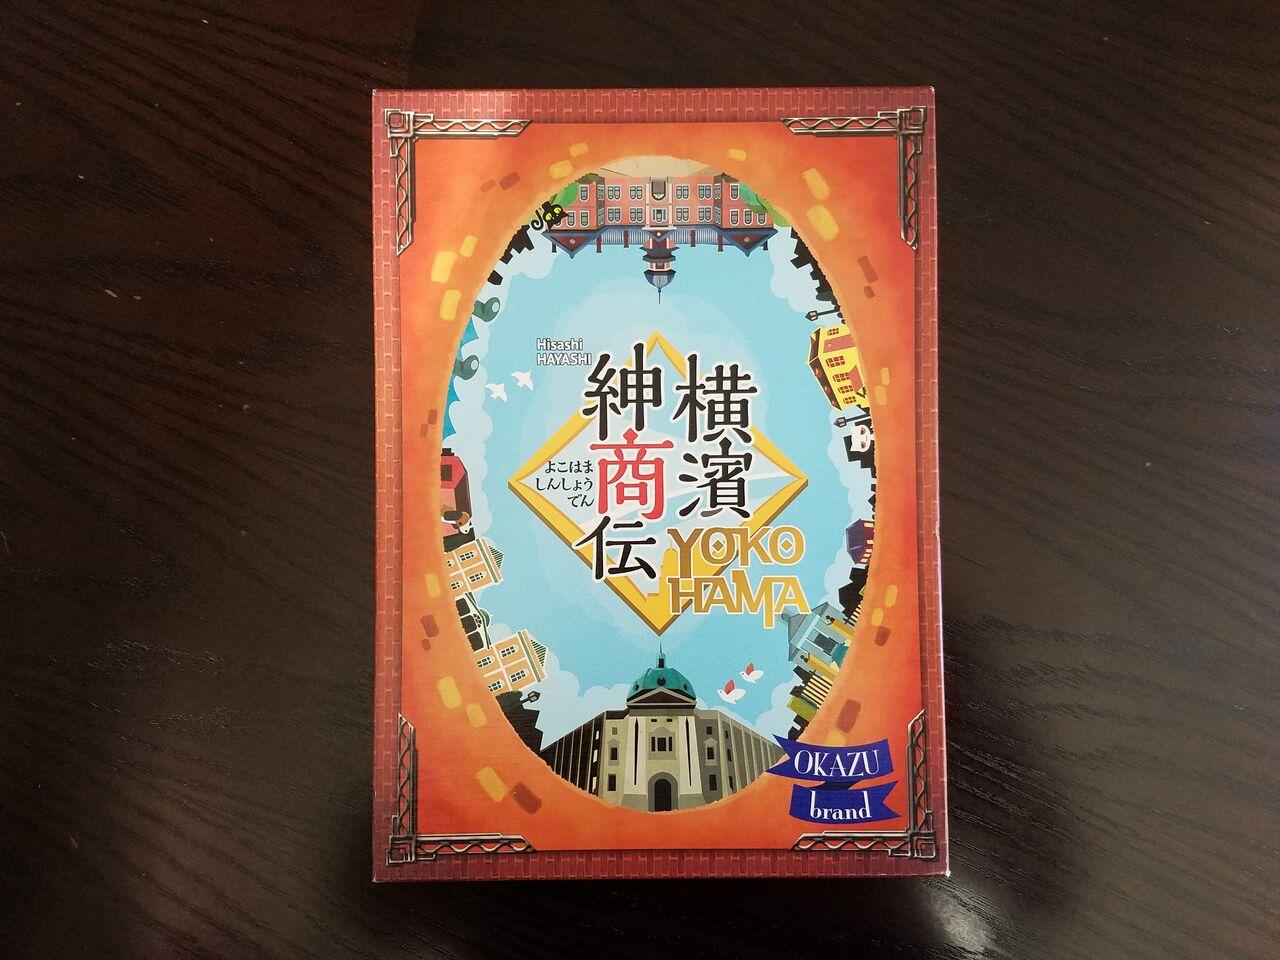 ボードゲーム・レビュー・評価】横濱紳商伝(Yokohama) : 「あそび ...